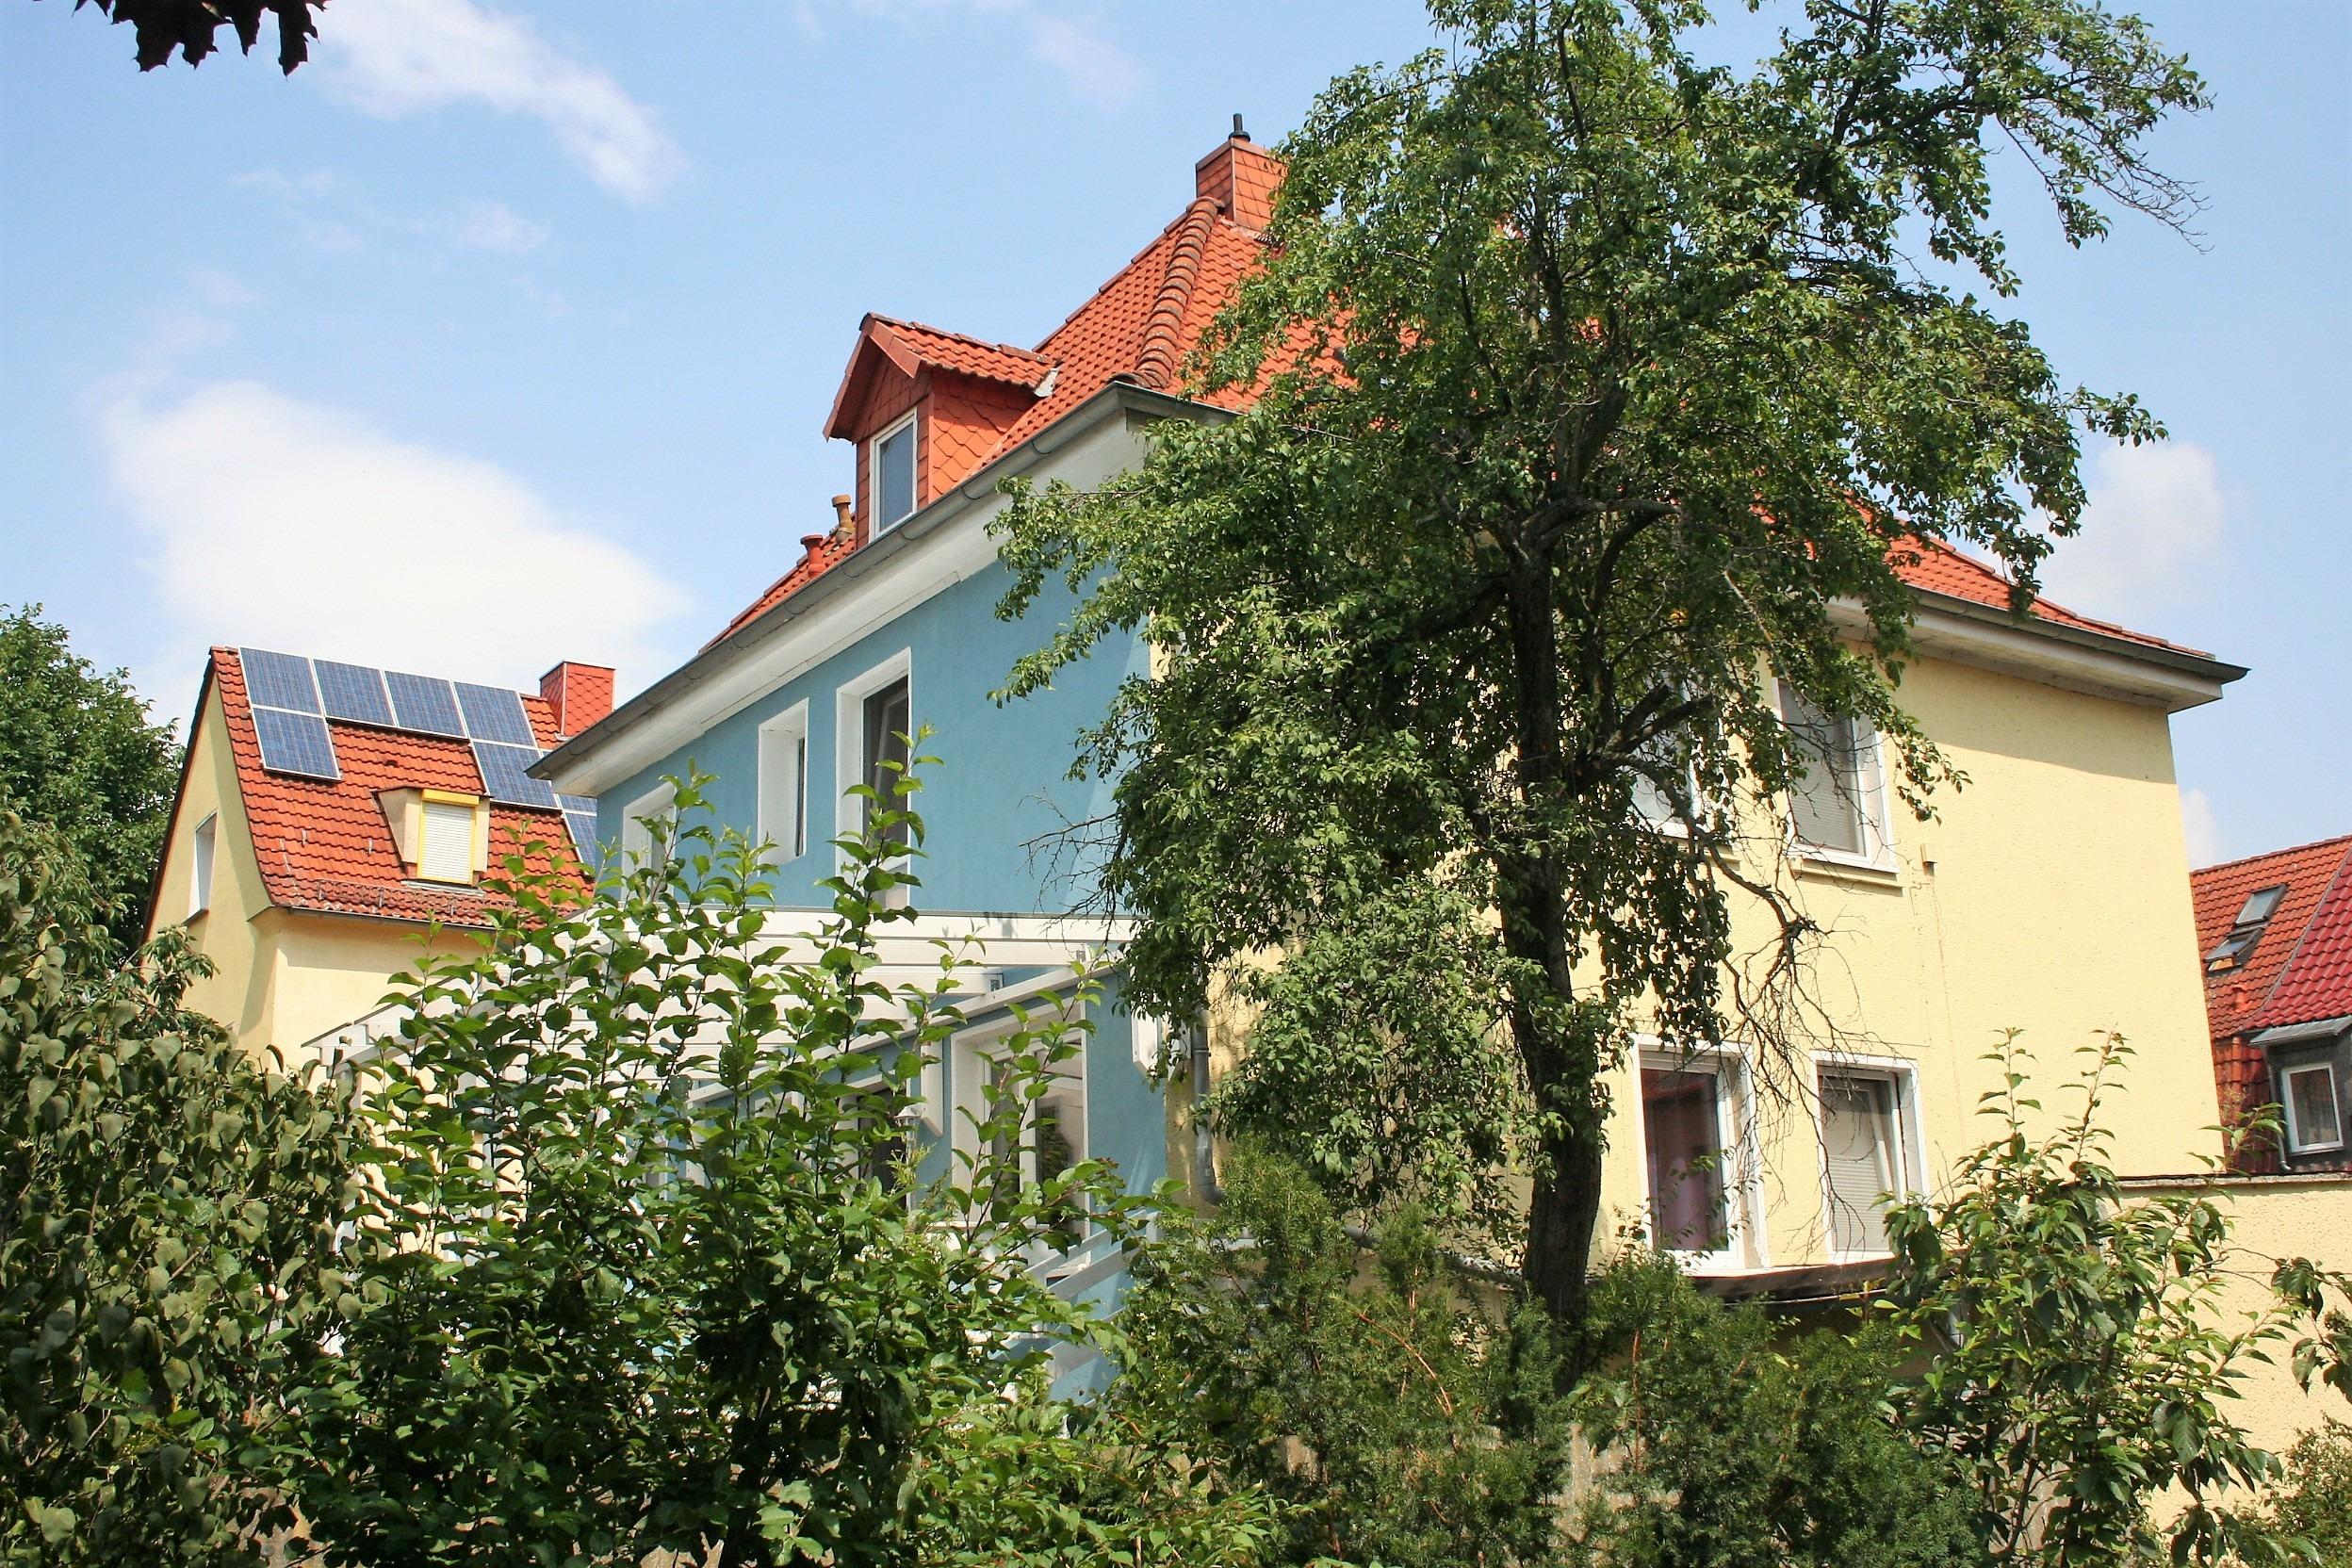 Einfamilienhaus Halle - Seitenansicht